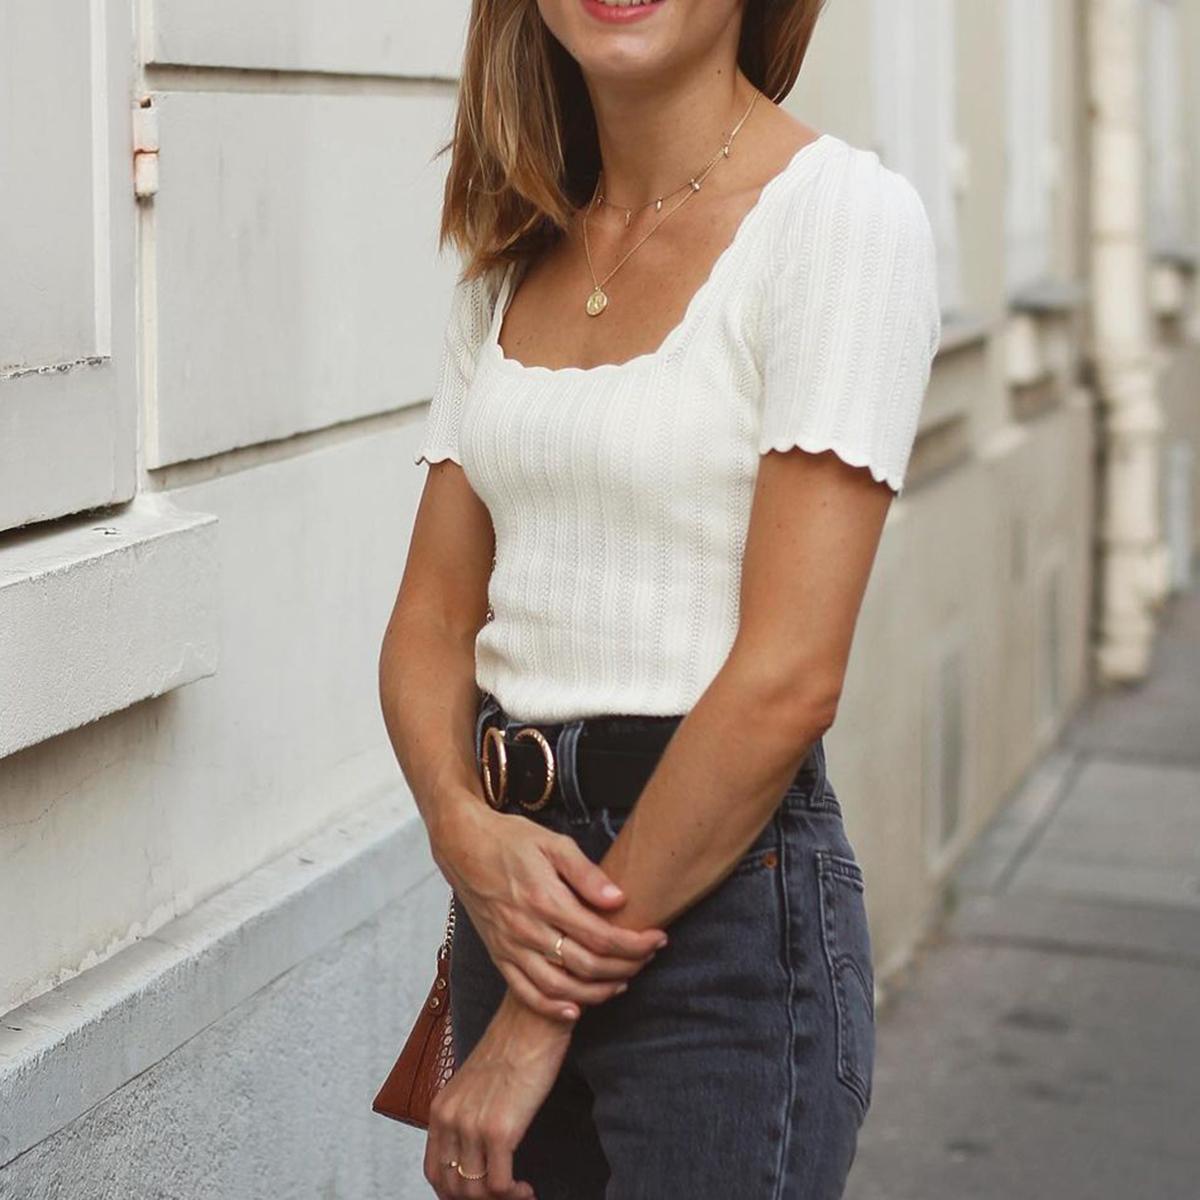 2021 nuevo suéter de punto de lujo mujeres elegante verano fino manga corta cuadrado camisas chic sin respaldo Vintage Streetwear Suéteres Tirar 8Bm4